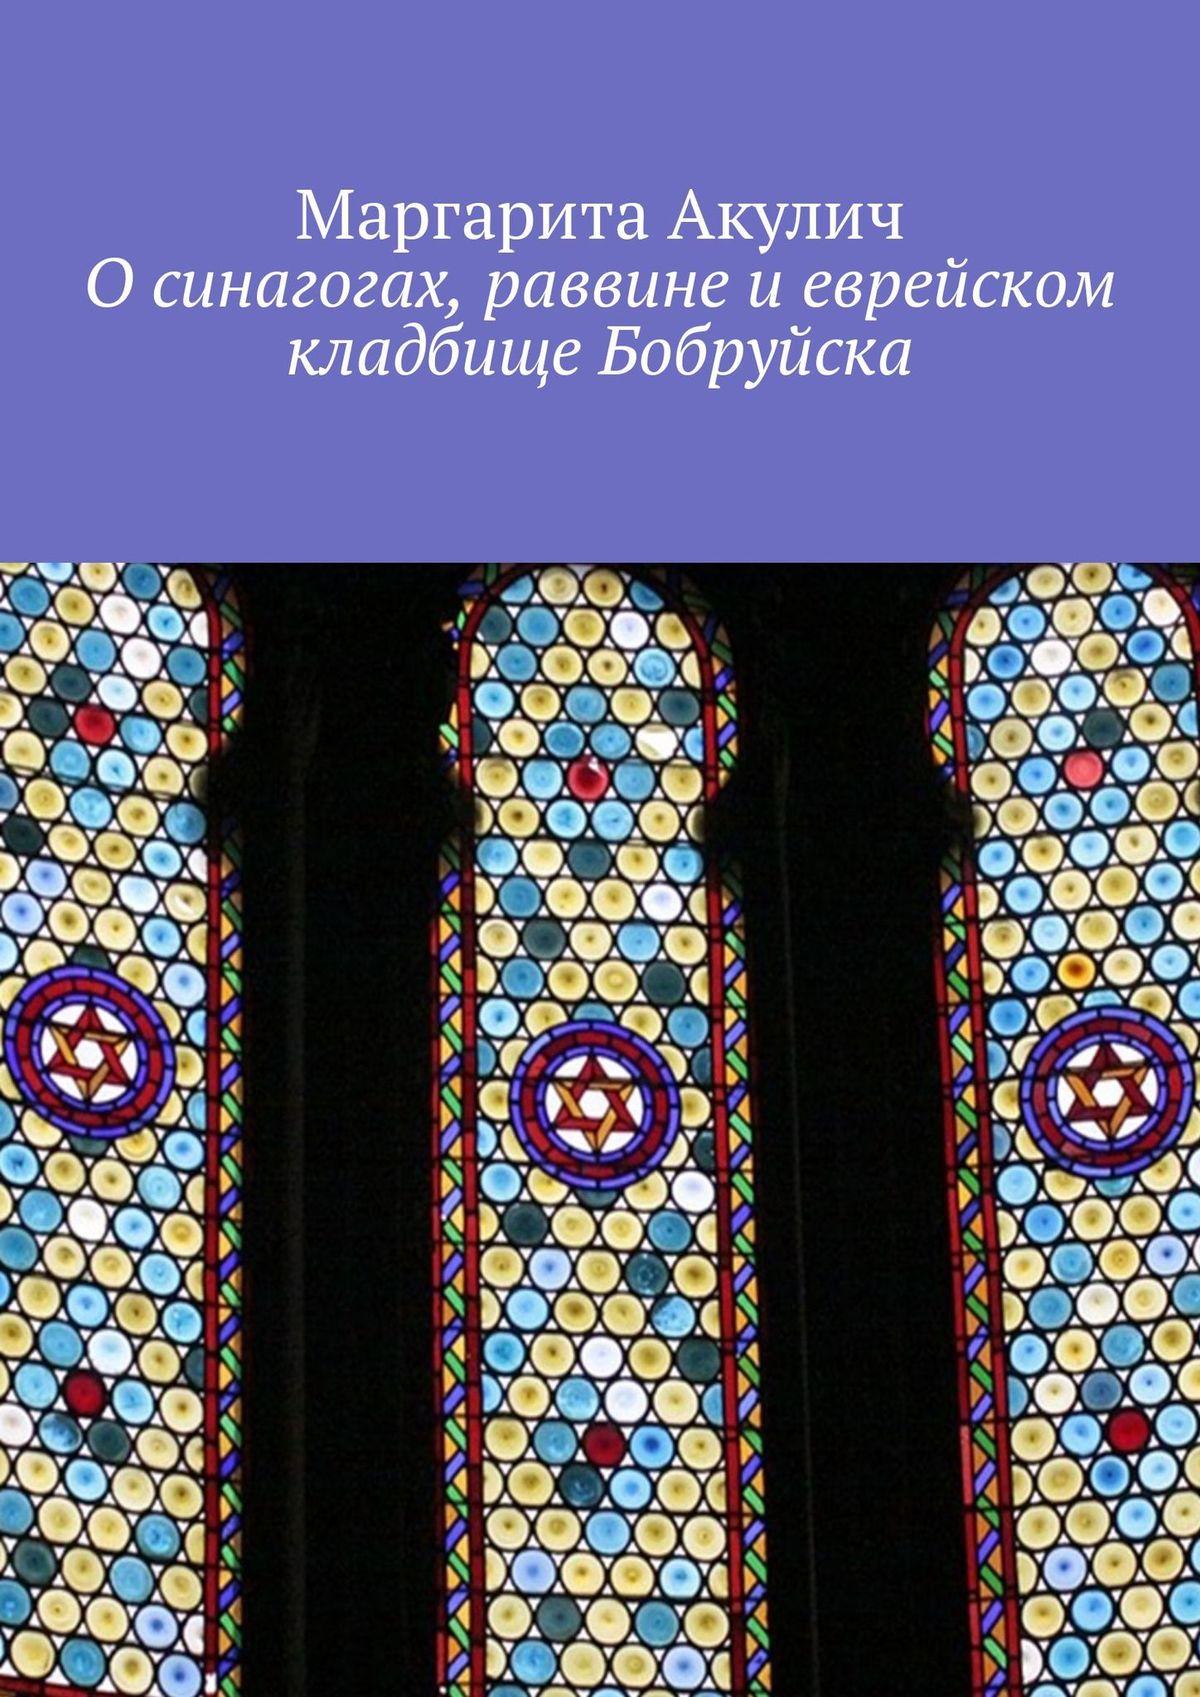 Маргарита Акулич О синагогах, раввине иеврейском кладбище Бобруйска маргарита акулич о синагогах раввине и